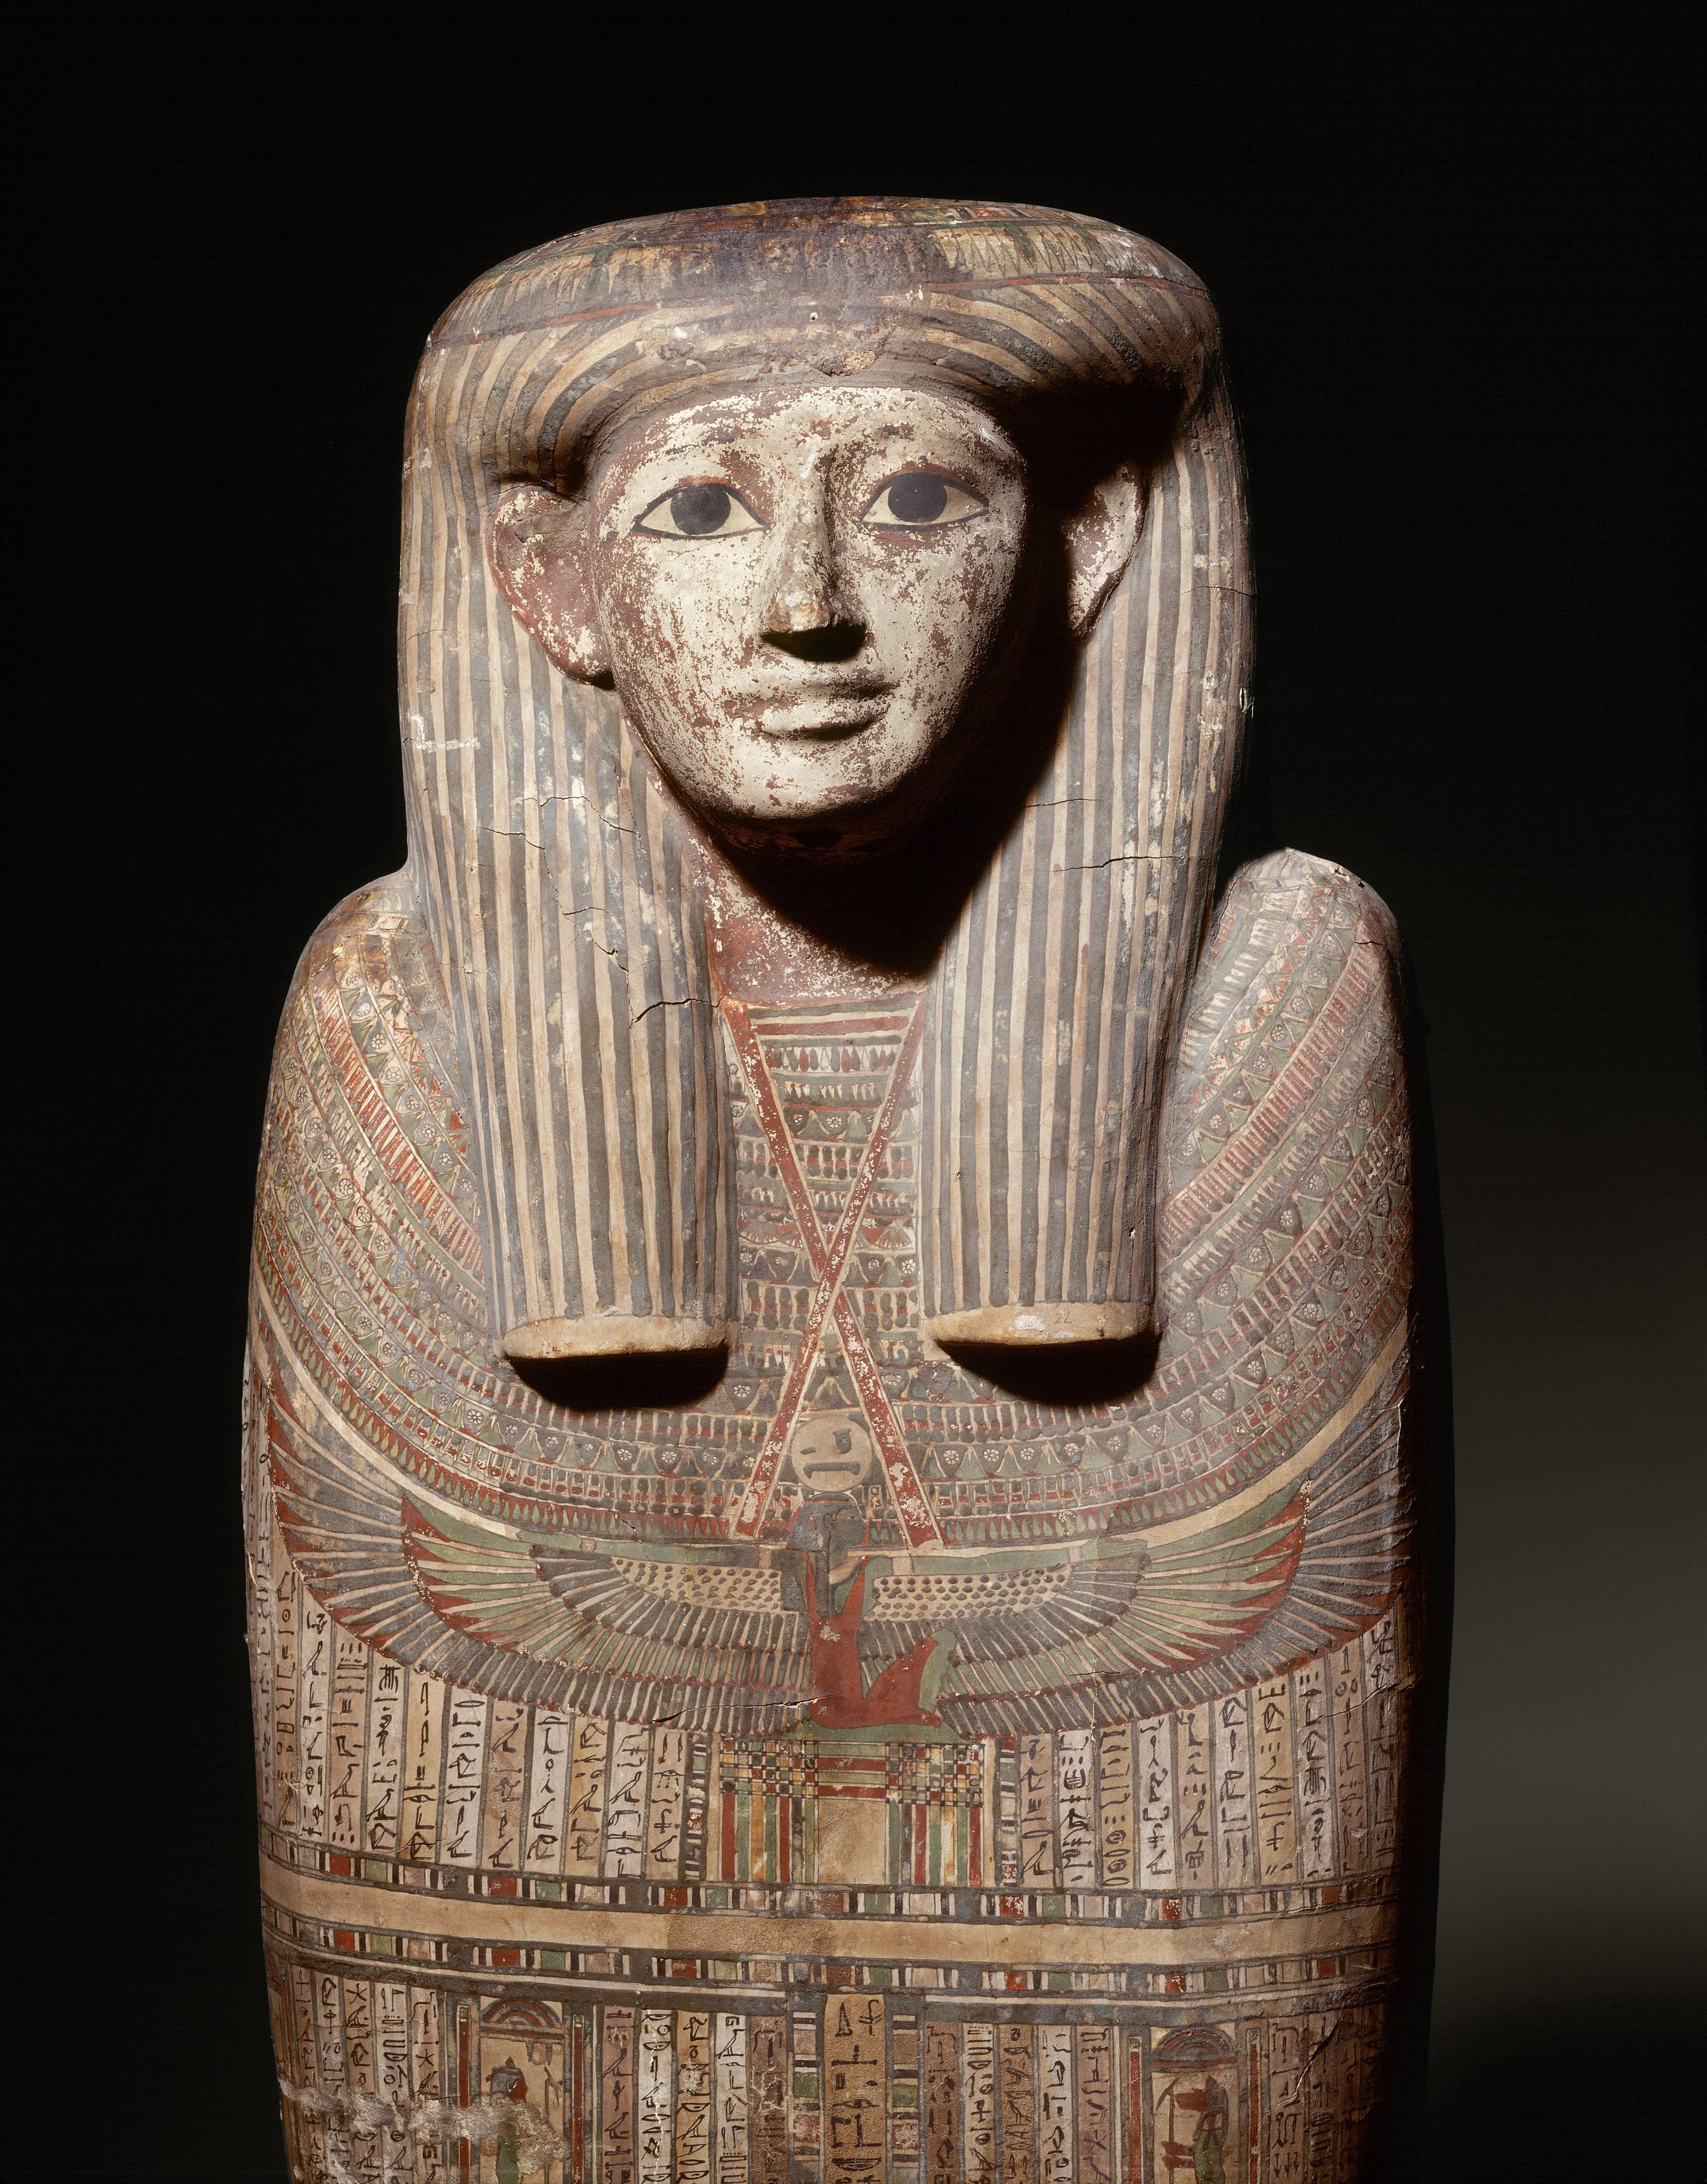 """Detall d'un sarcòfag que sforma part de la mostra """"Mòmies egípcies"""" que es pot veure fins al 18 d'agost al CaixaForum Tarragona (foto: Obra Social La Caixa)"""